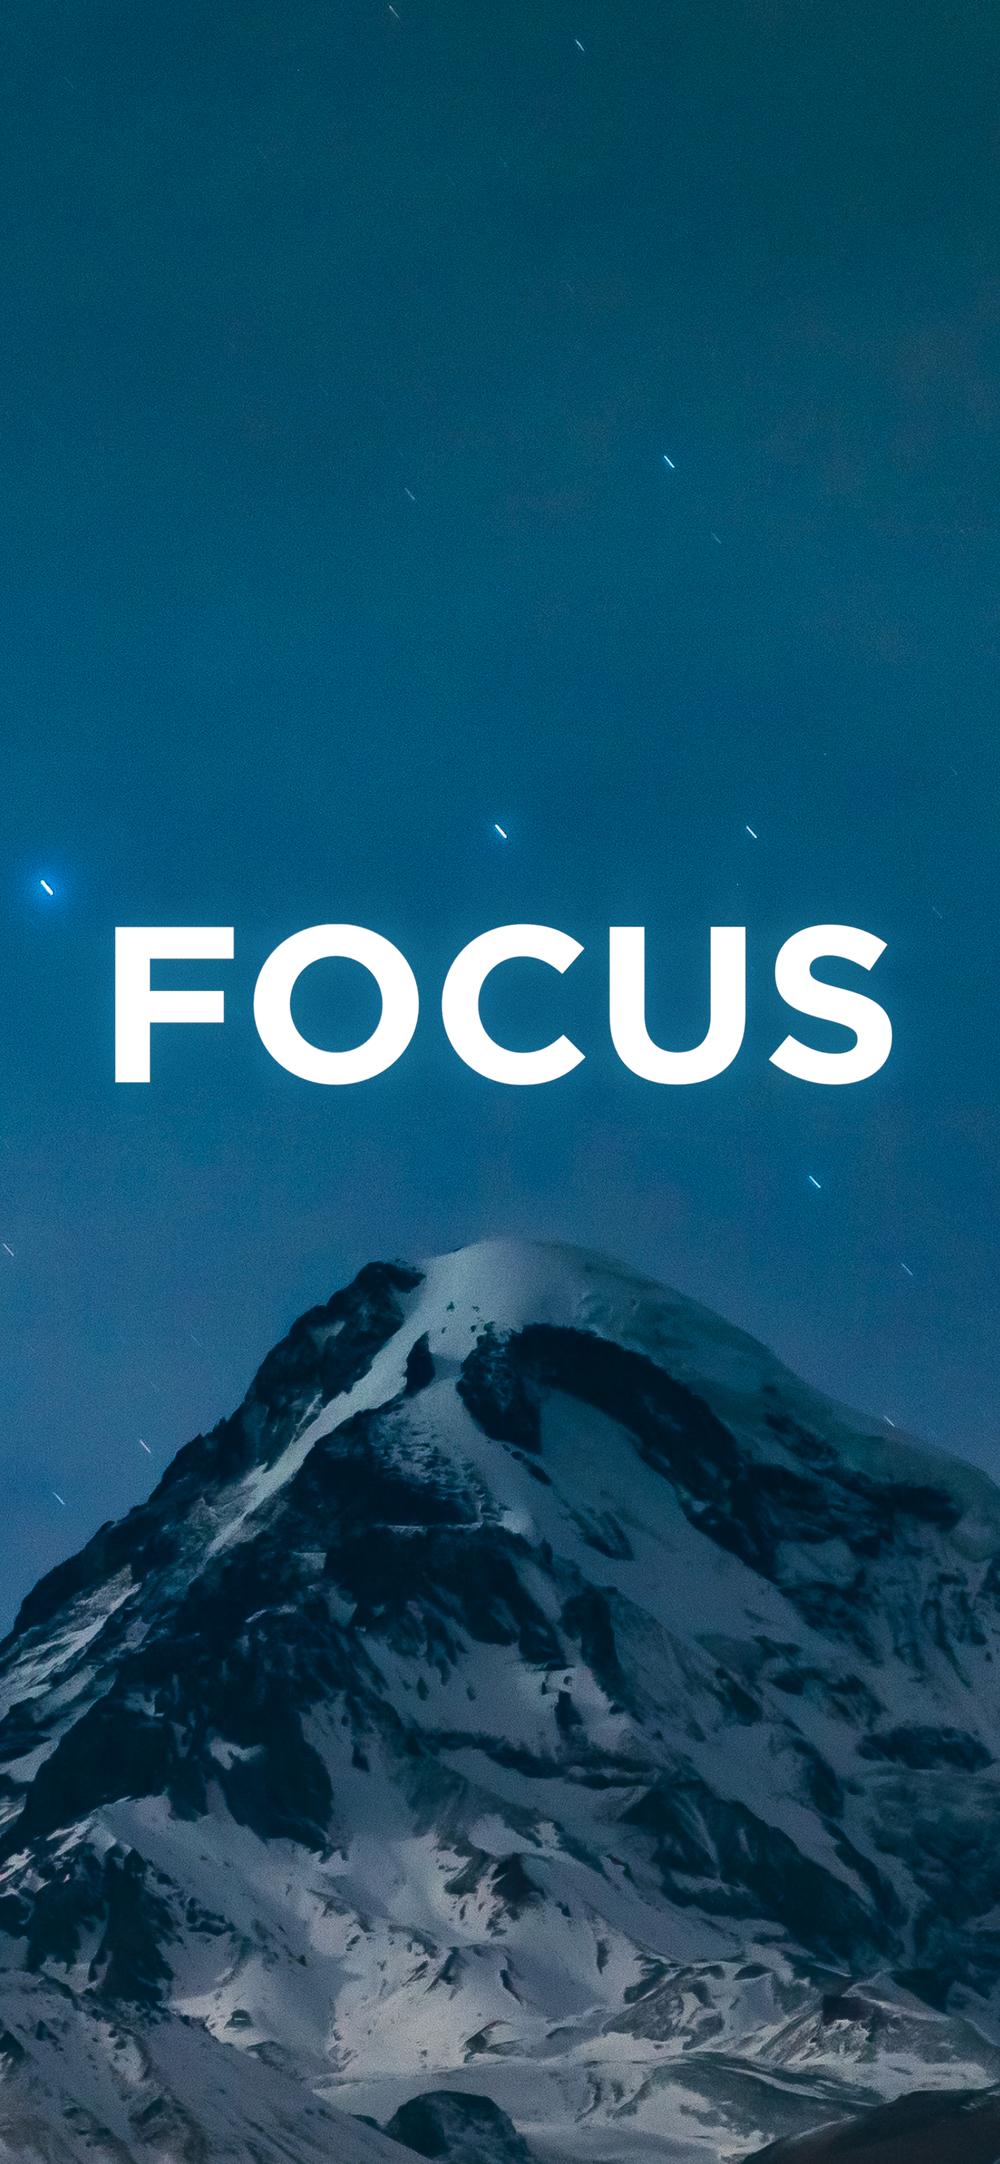 iphone-focus-background-4